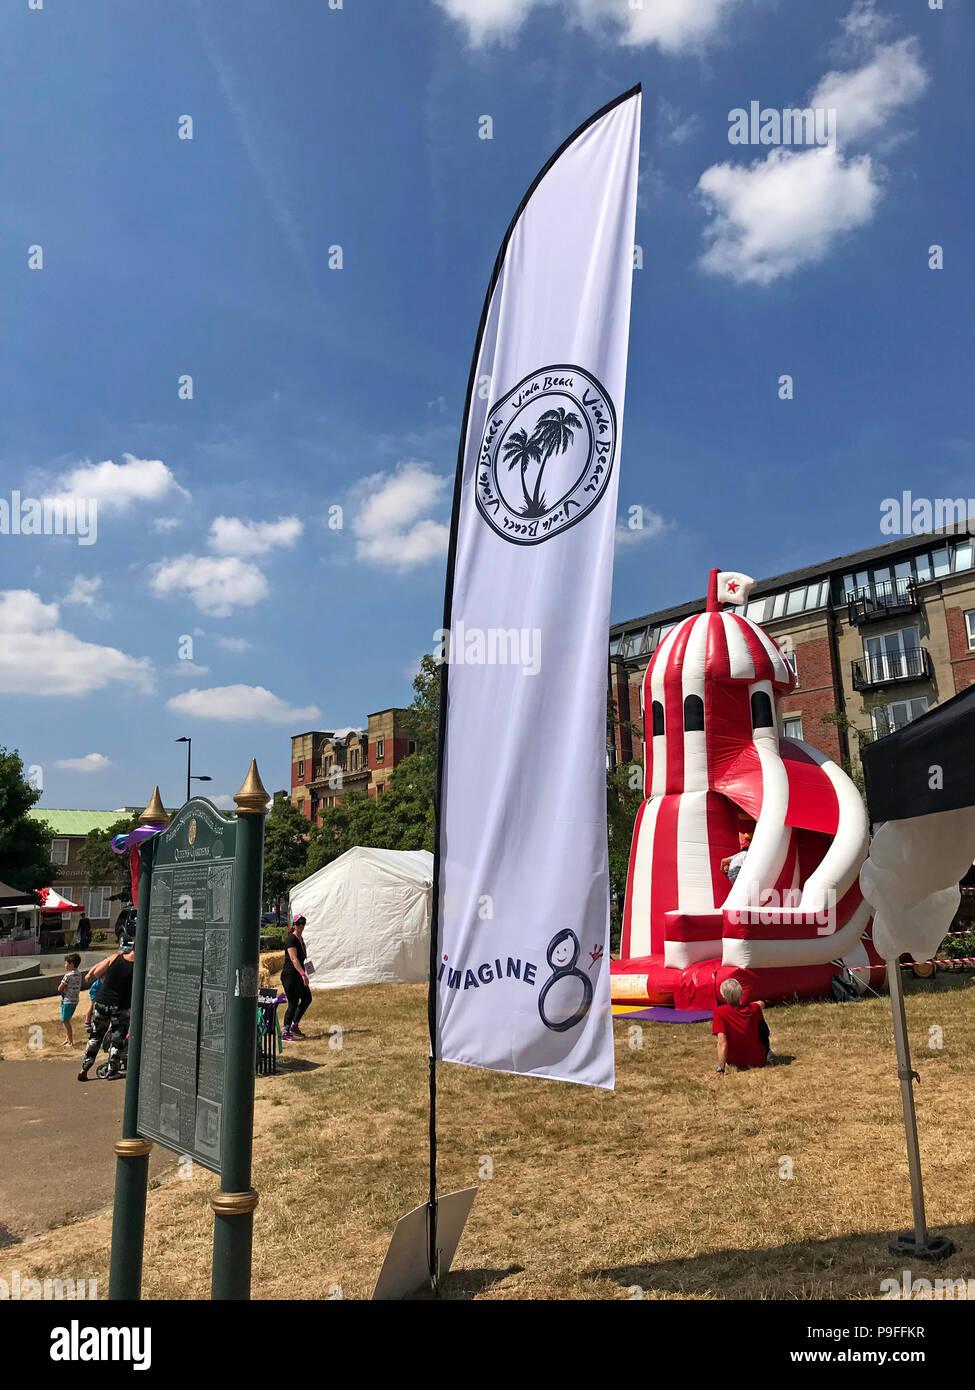 GoTonySmith,@HotpixUK,Rivfest18,Charity,Palmyra,Square,Cheshire,charity,charities,River